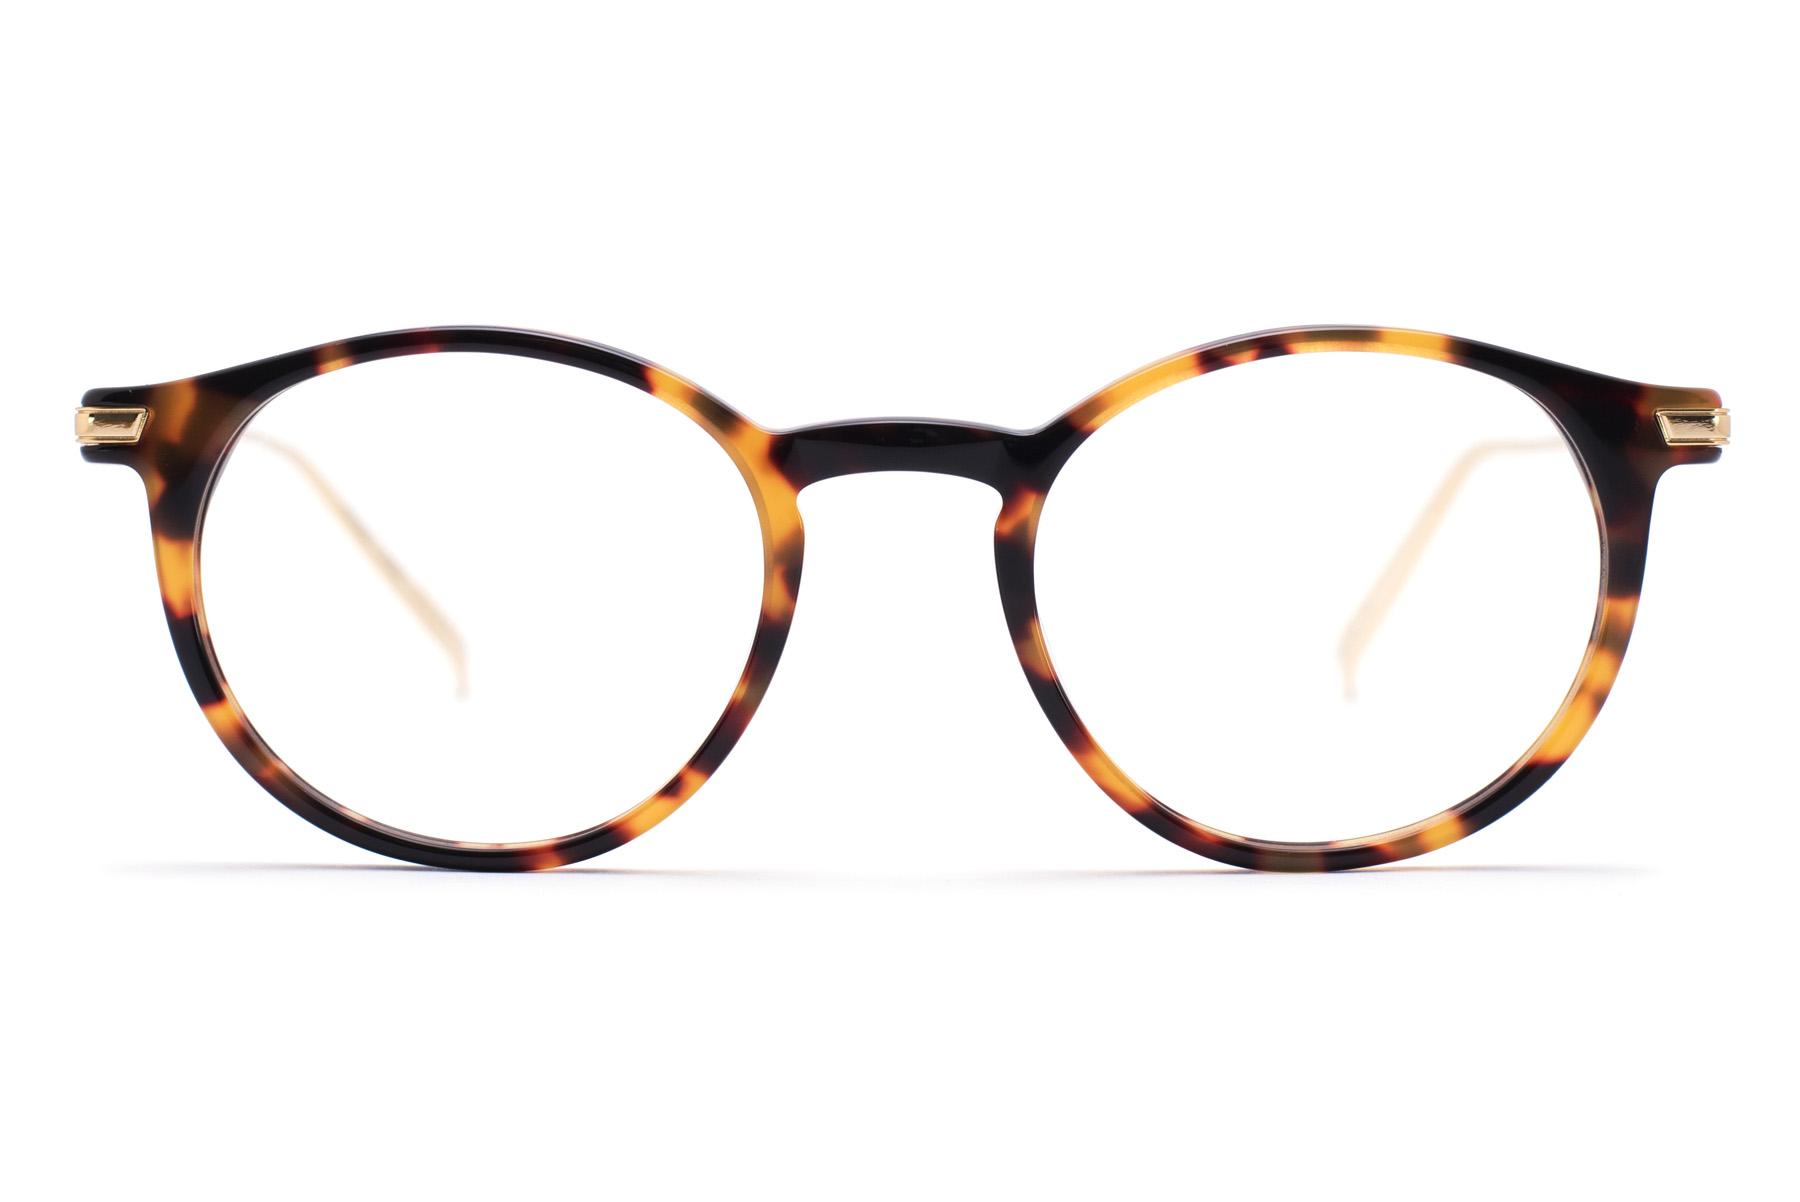 Γυαλιά οράσεως Bluesky Treviso Amber Πειραιάς